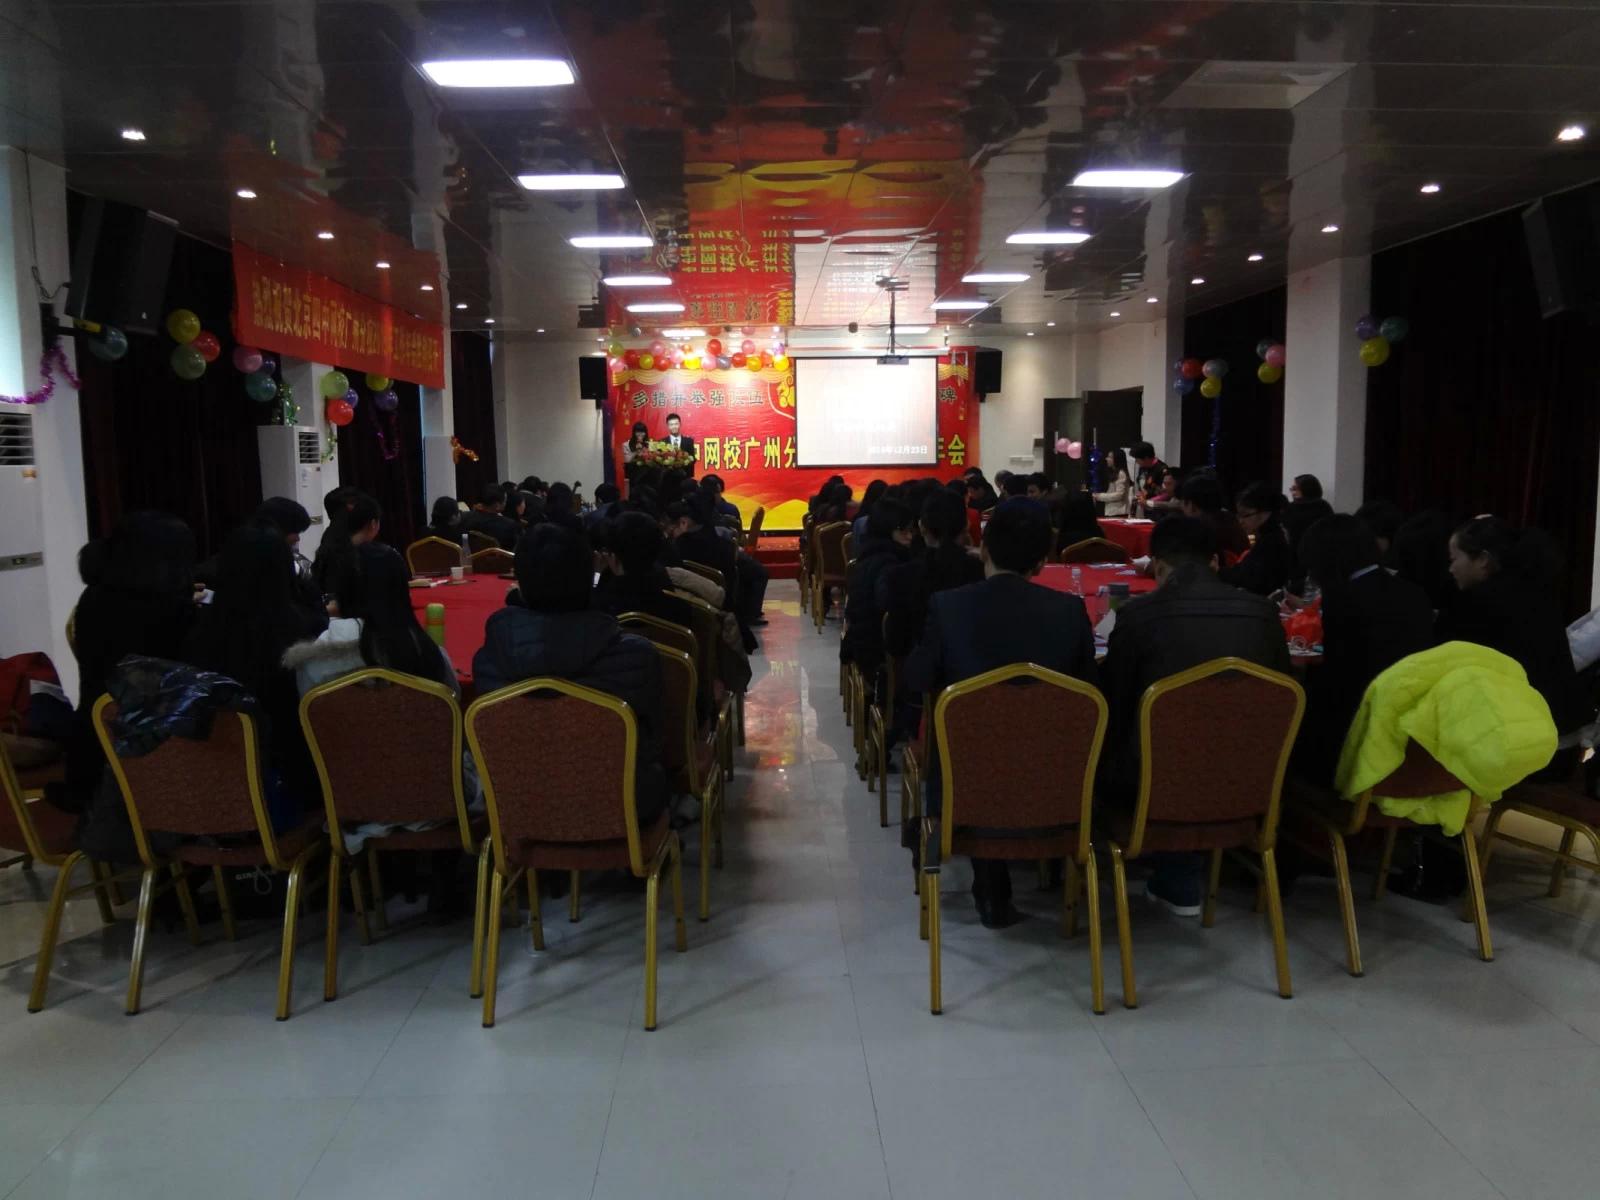 广州市荔湾区正见教育培训中心官网